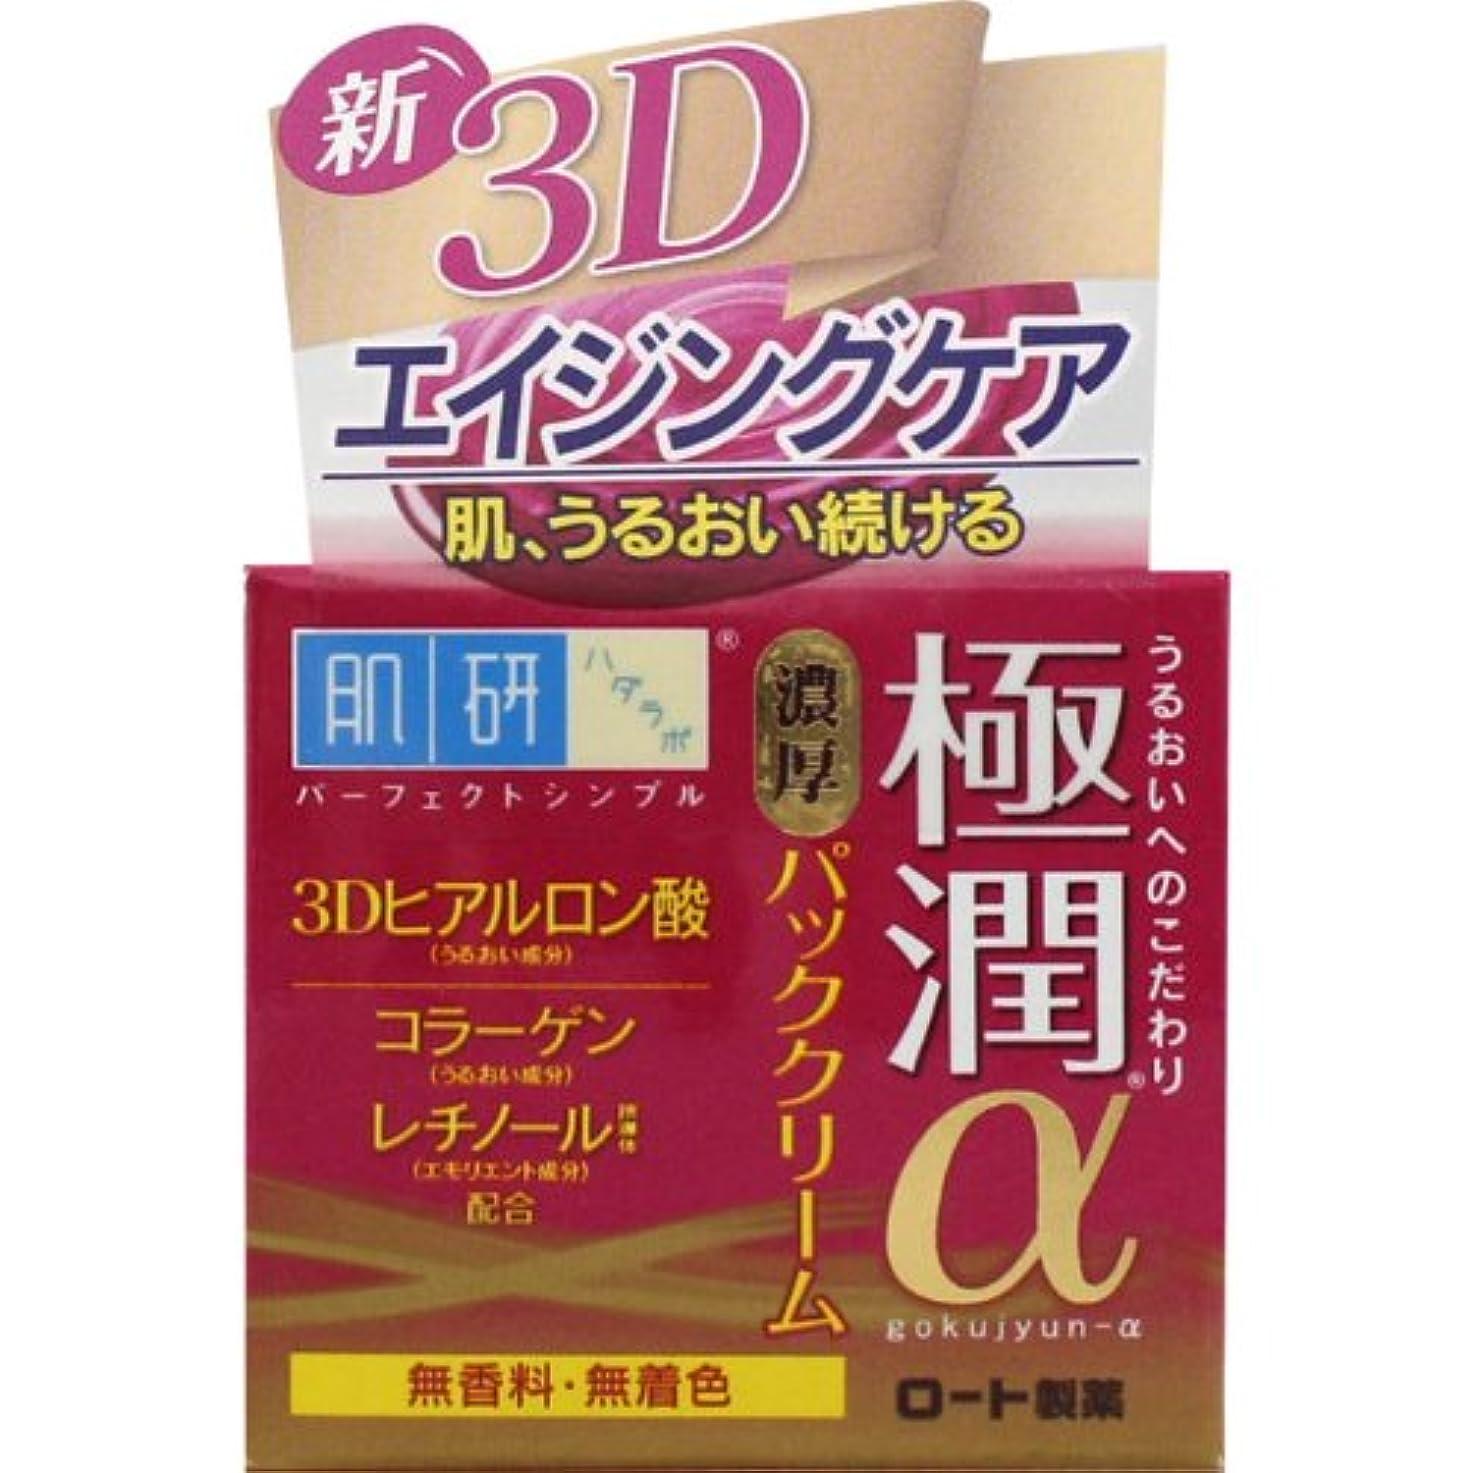 始まり土器各肌研(ハダラボ) 極潤 αパッククリーム 50g